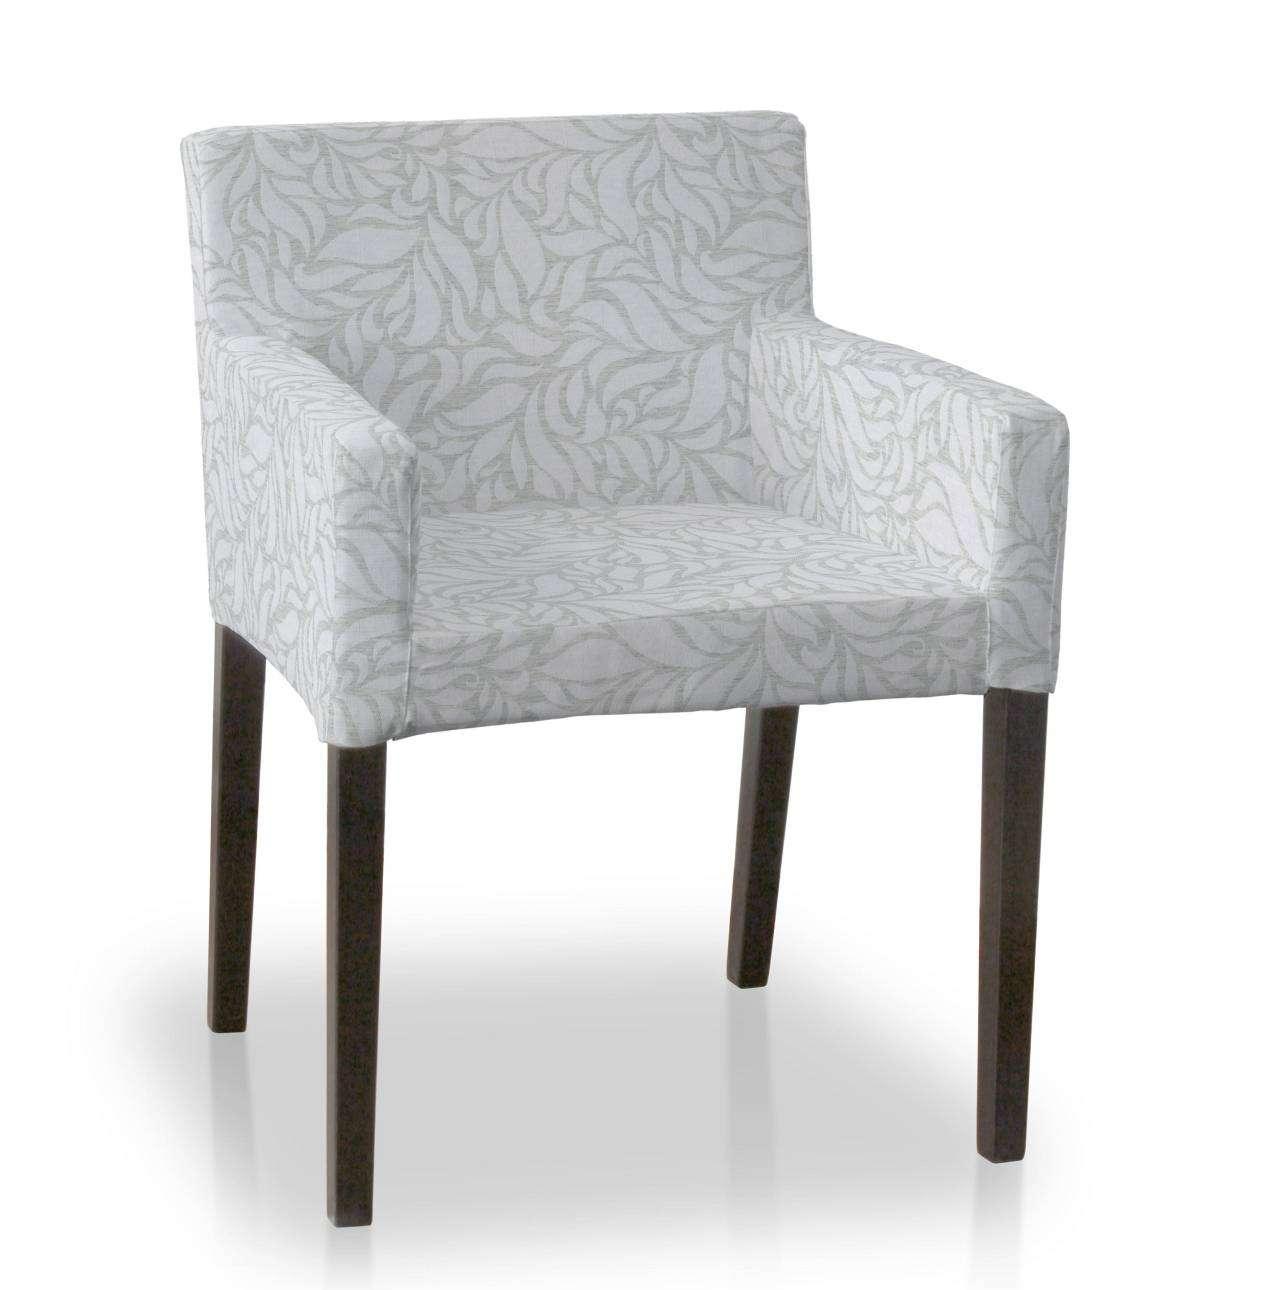 Sukienka na krzesło Nils krzesło Nils w kolekcji Venice, tkanina: 140-50